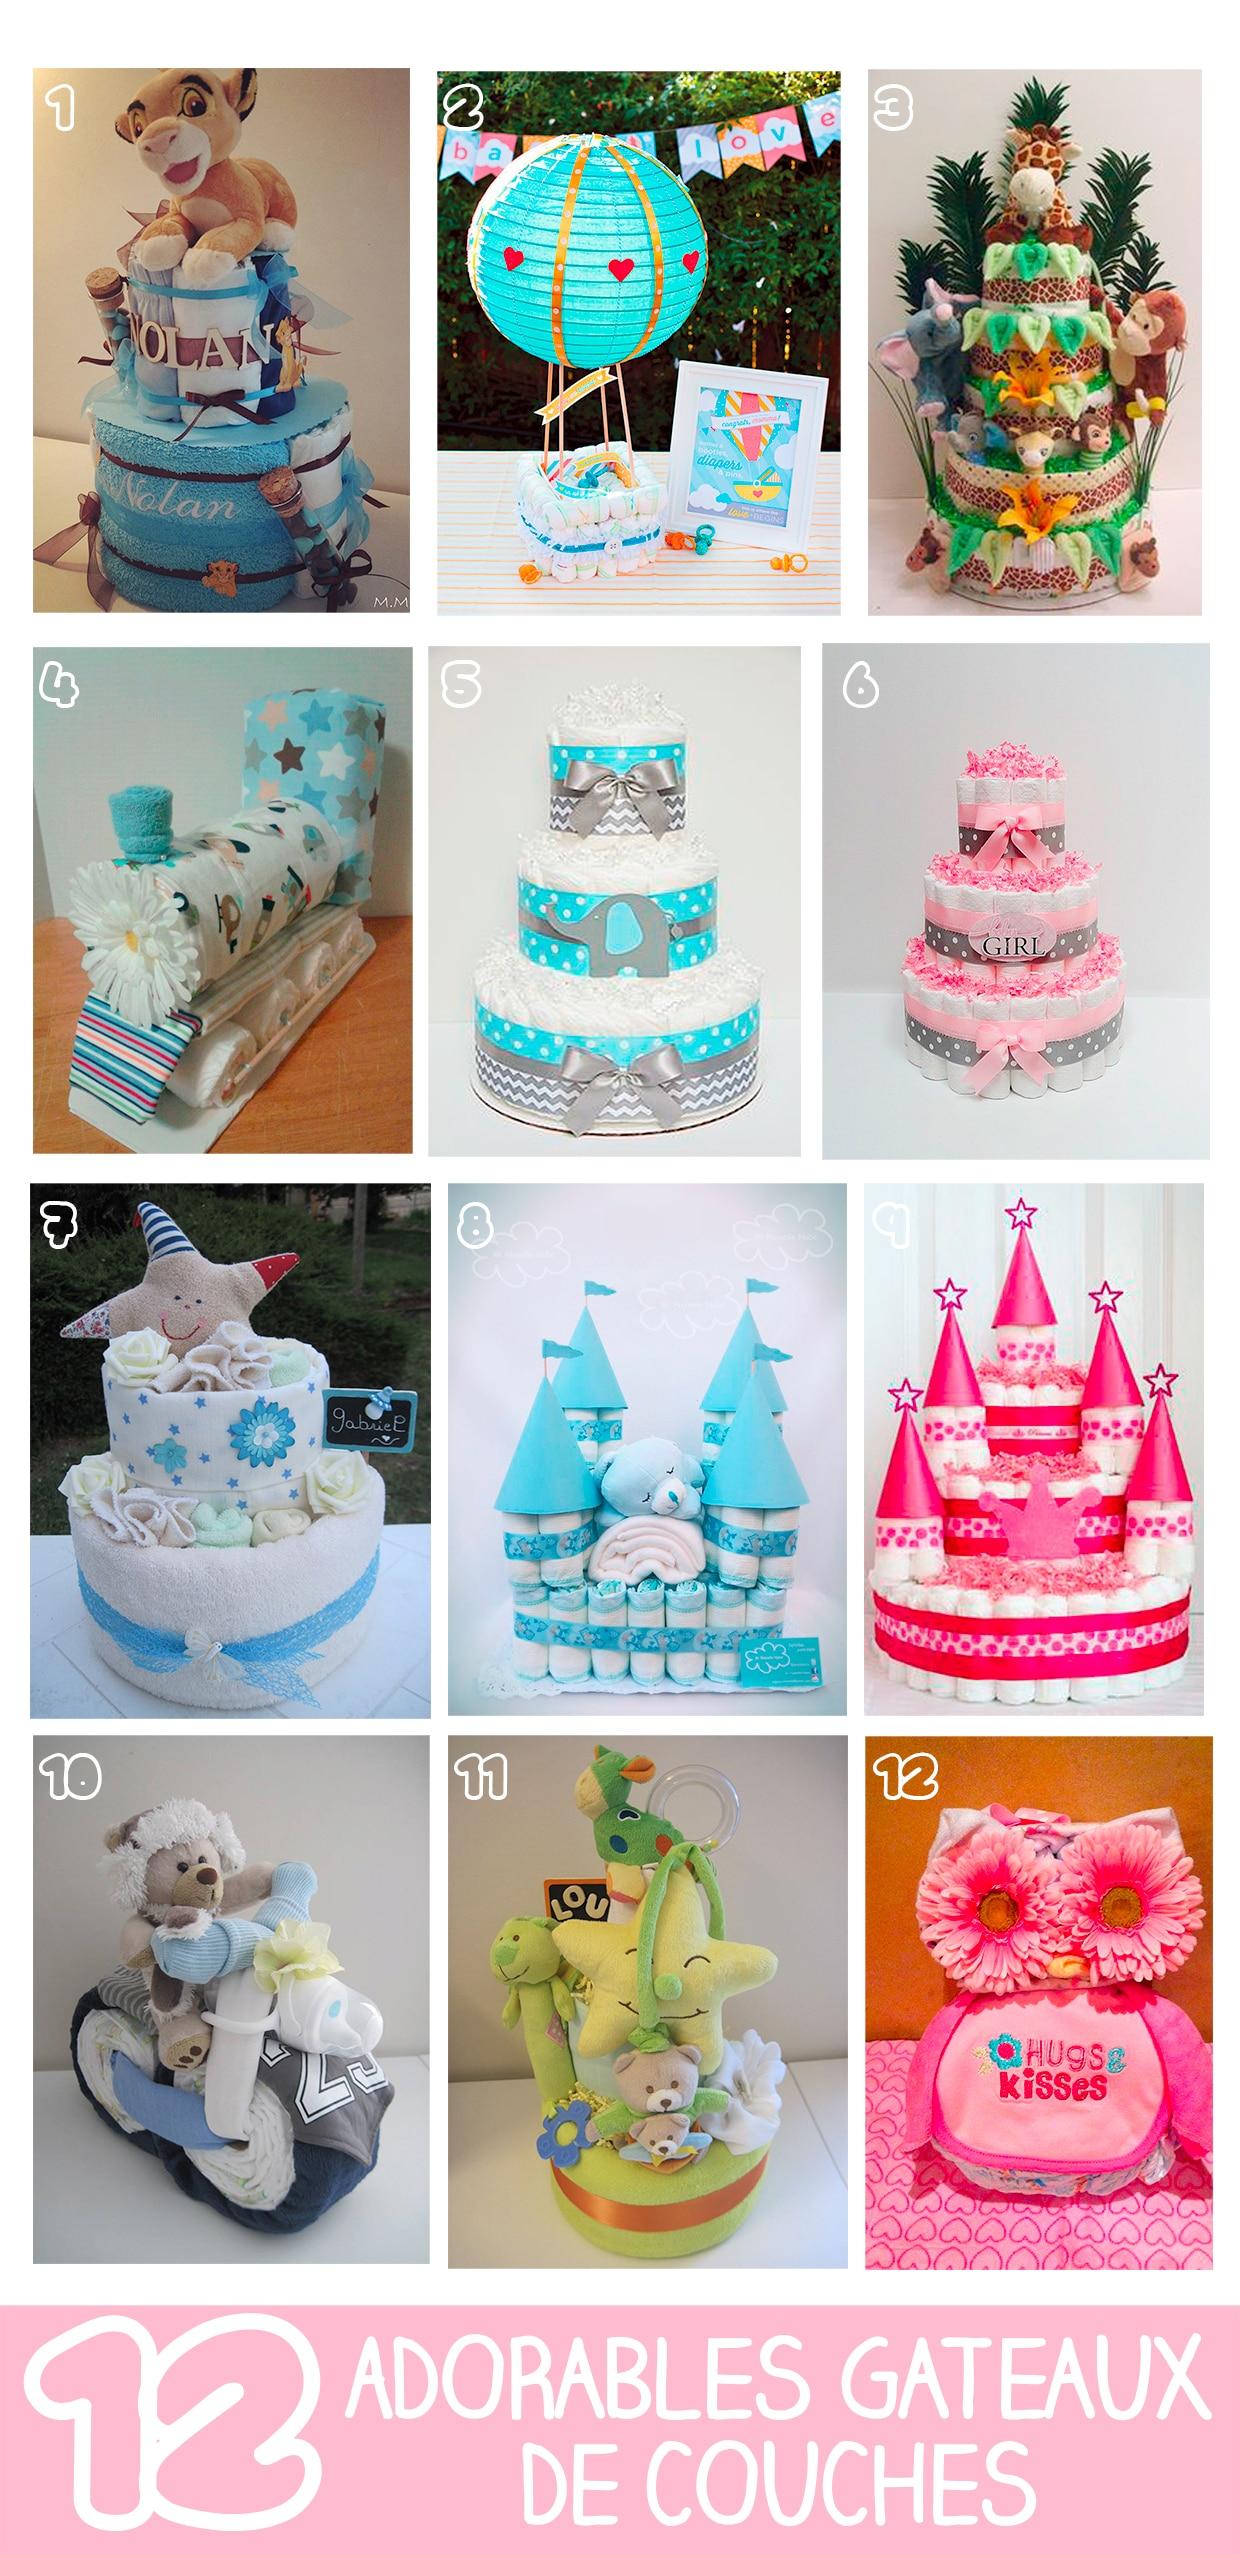 12 adorables gâteaux de couches